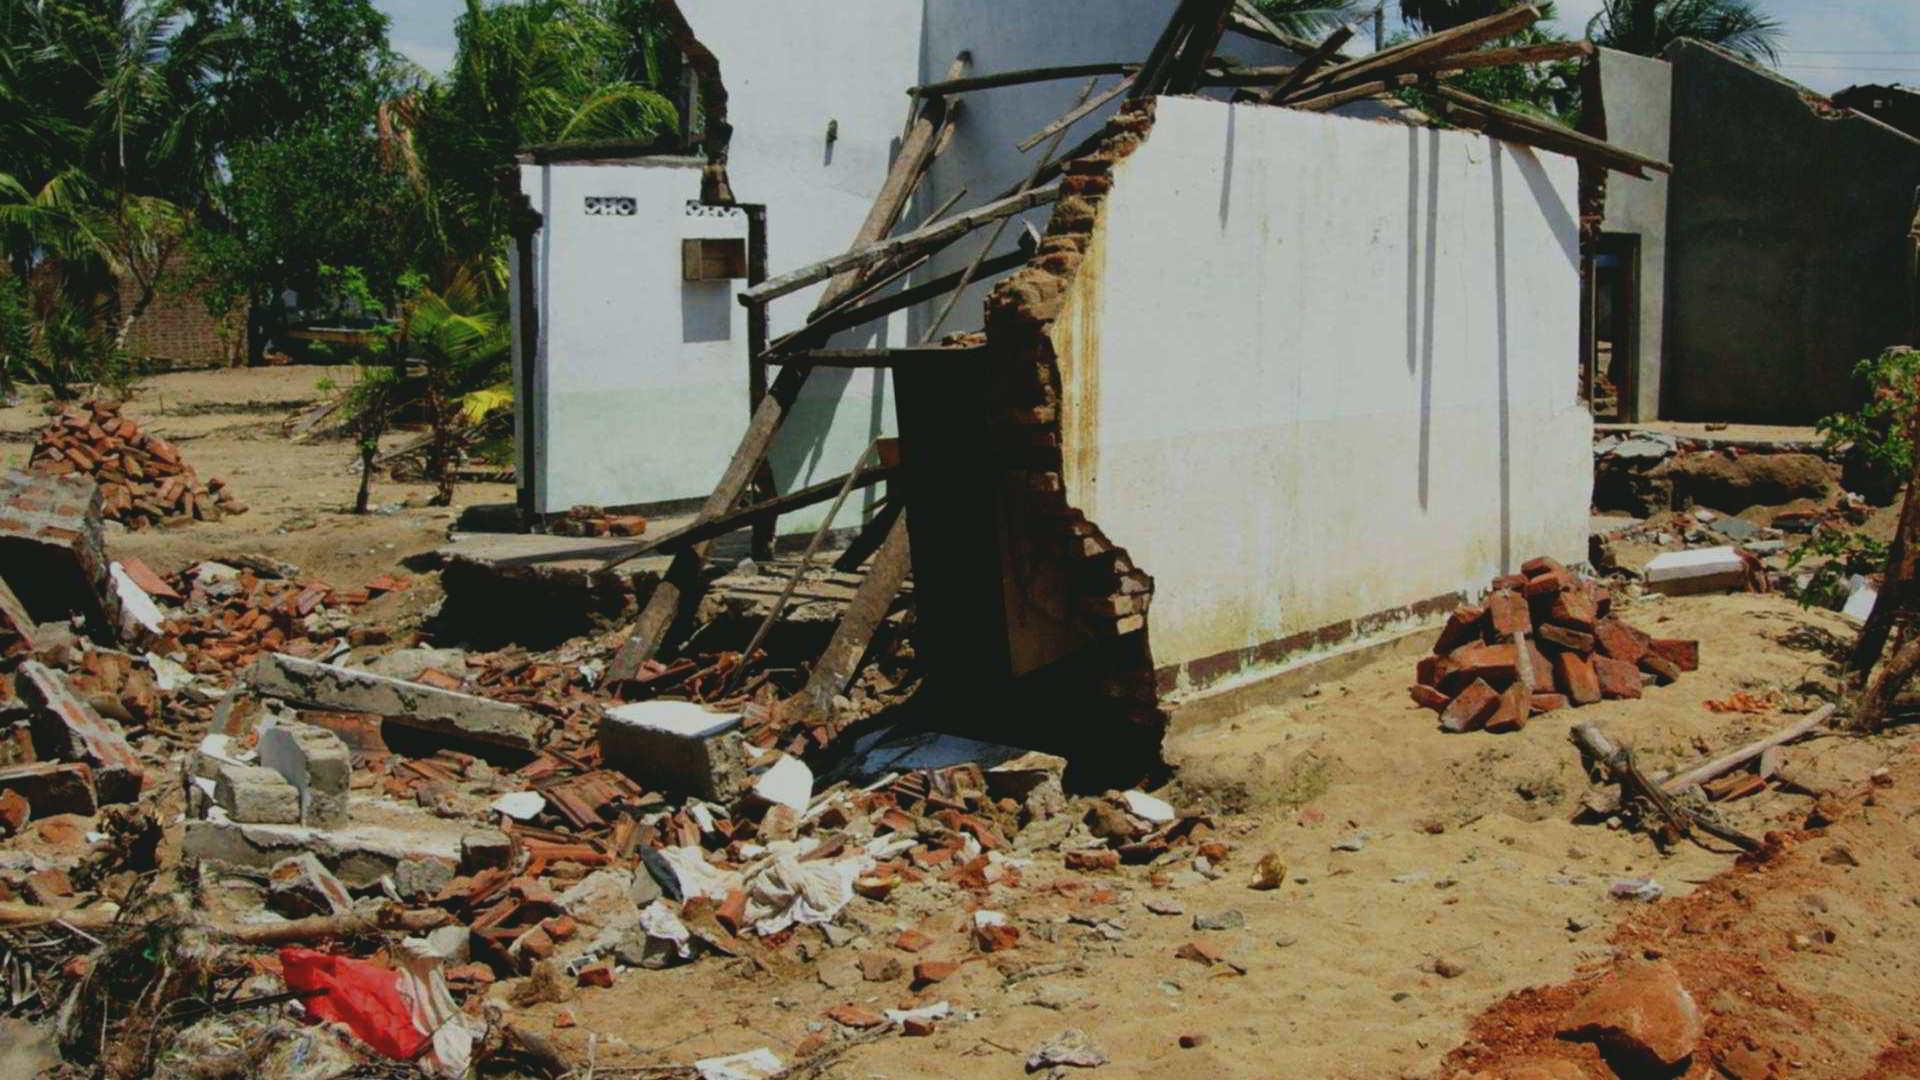 Edifici crollati e detriti - Kinniya - Tsunami 2004 - Kinniya per la Vita Onlus